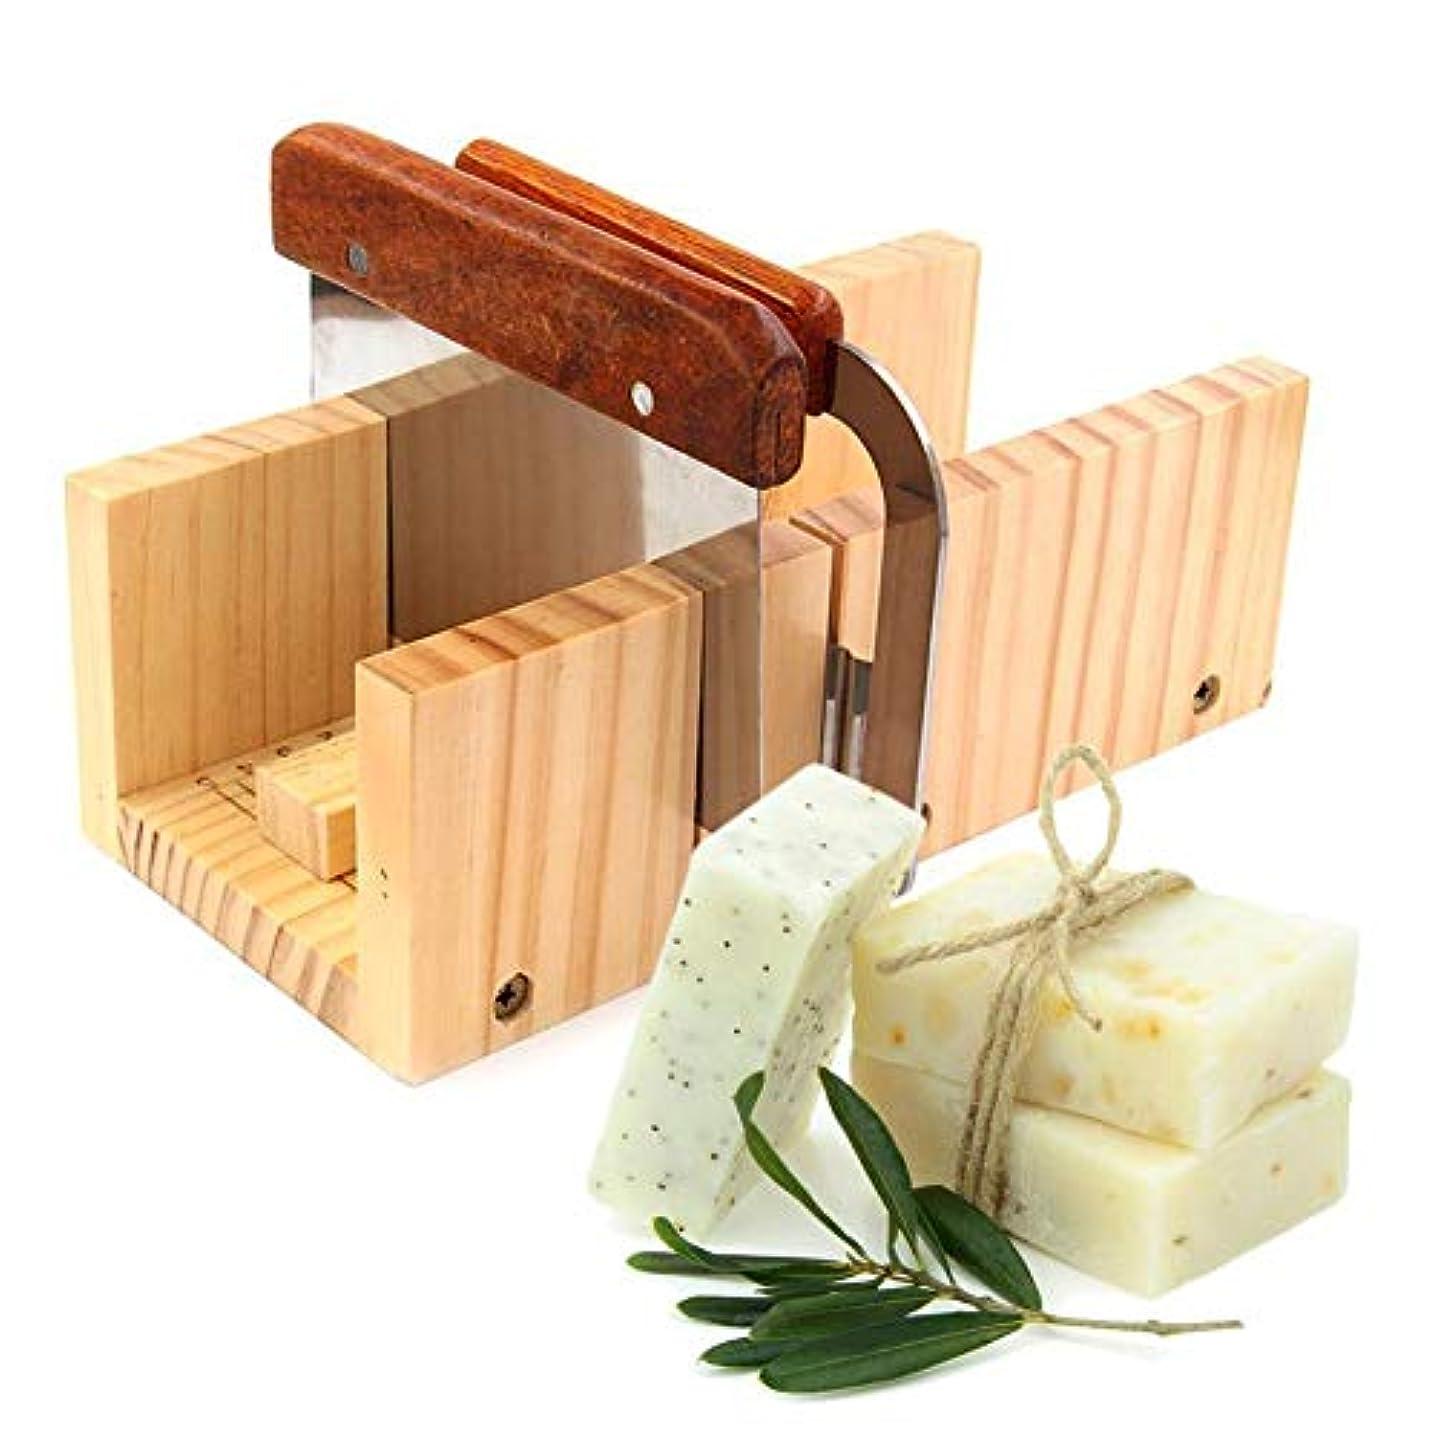 安心誤解無声でソープモールド、調整可能、木製、ハンドメイド、石鹸、モールドアクセサリー、ストレートプレーナー付き